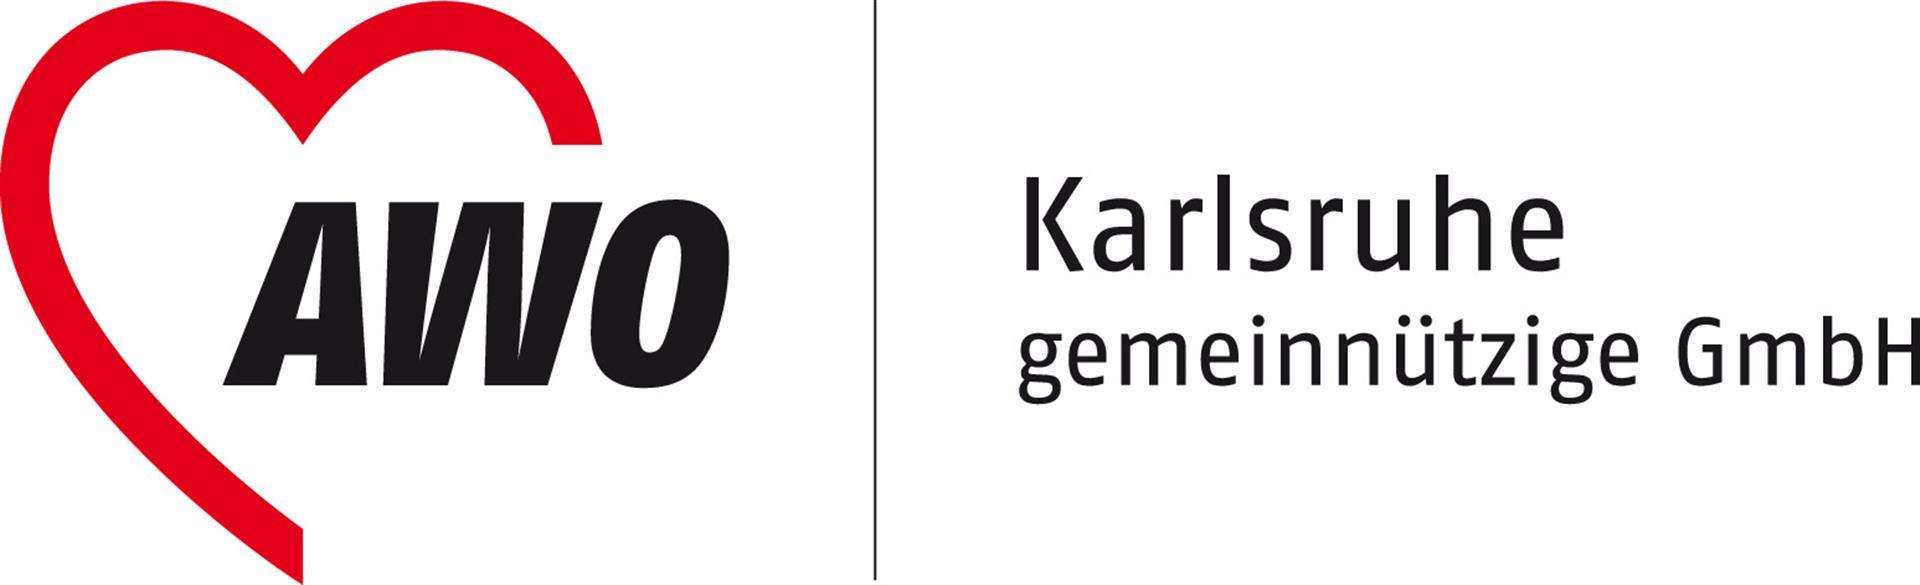 Logo awo karlsruhe